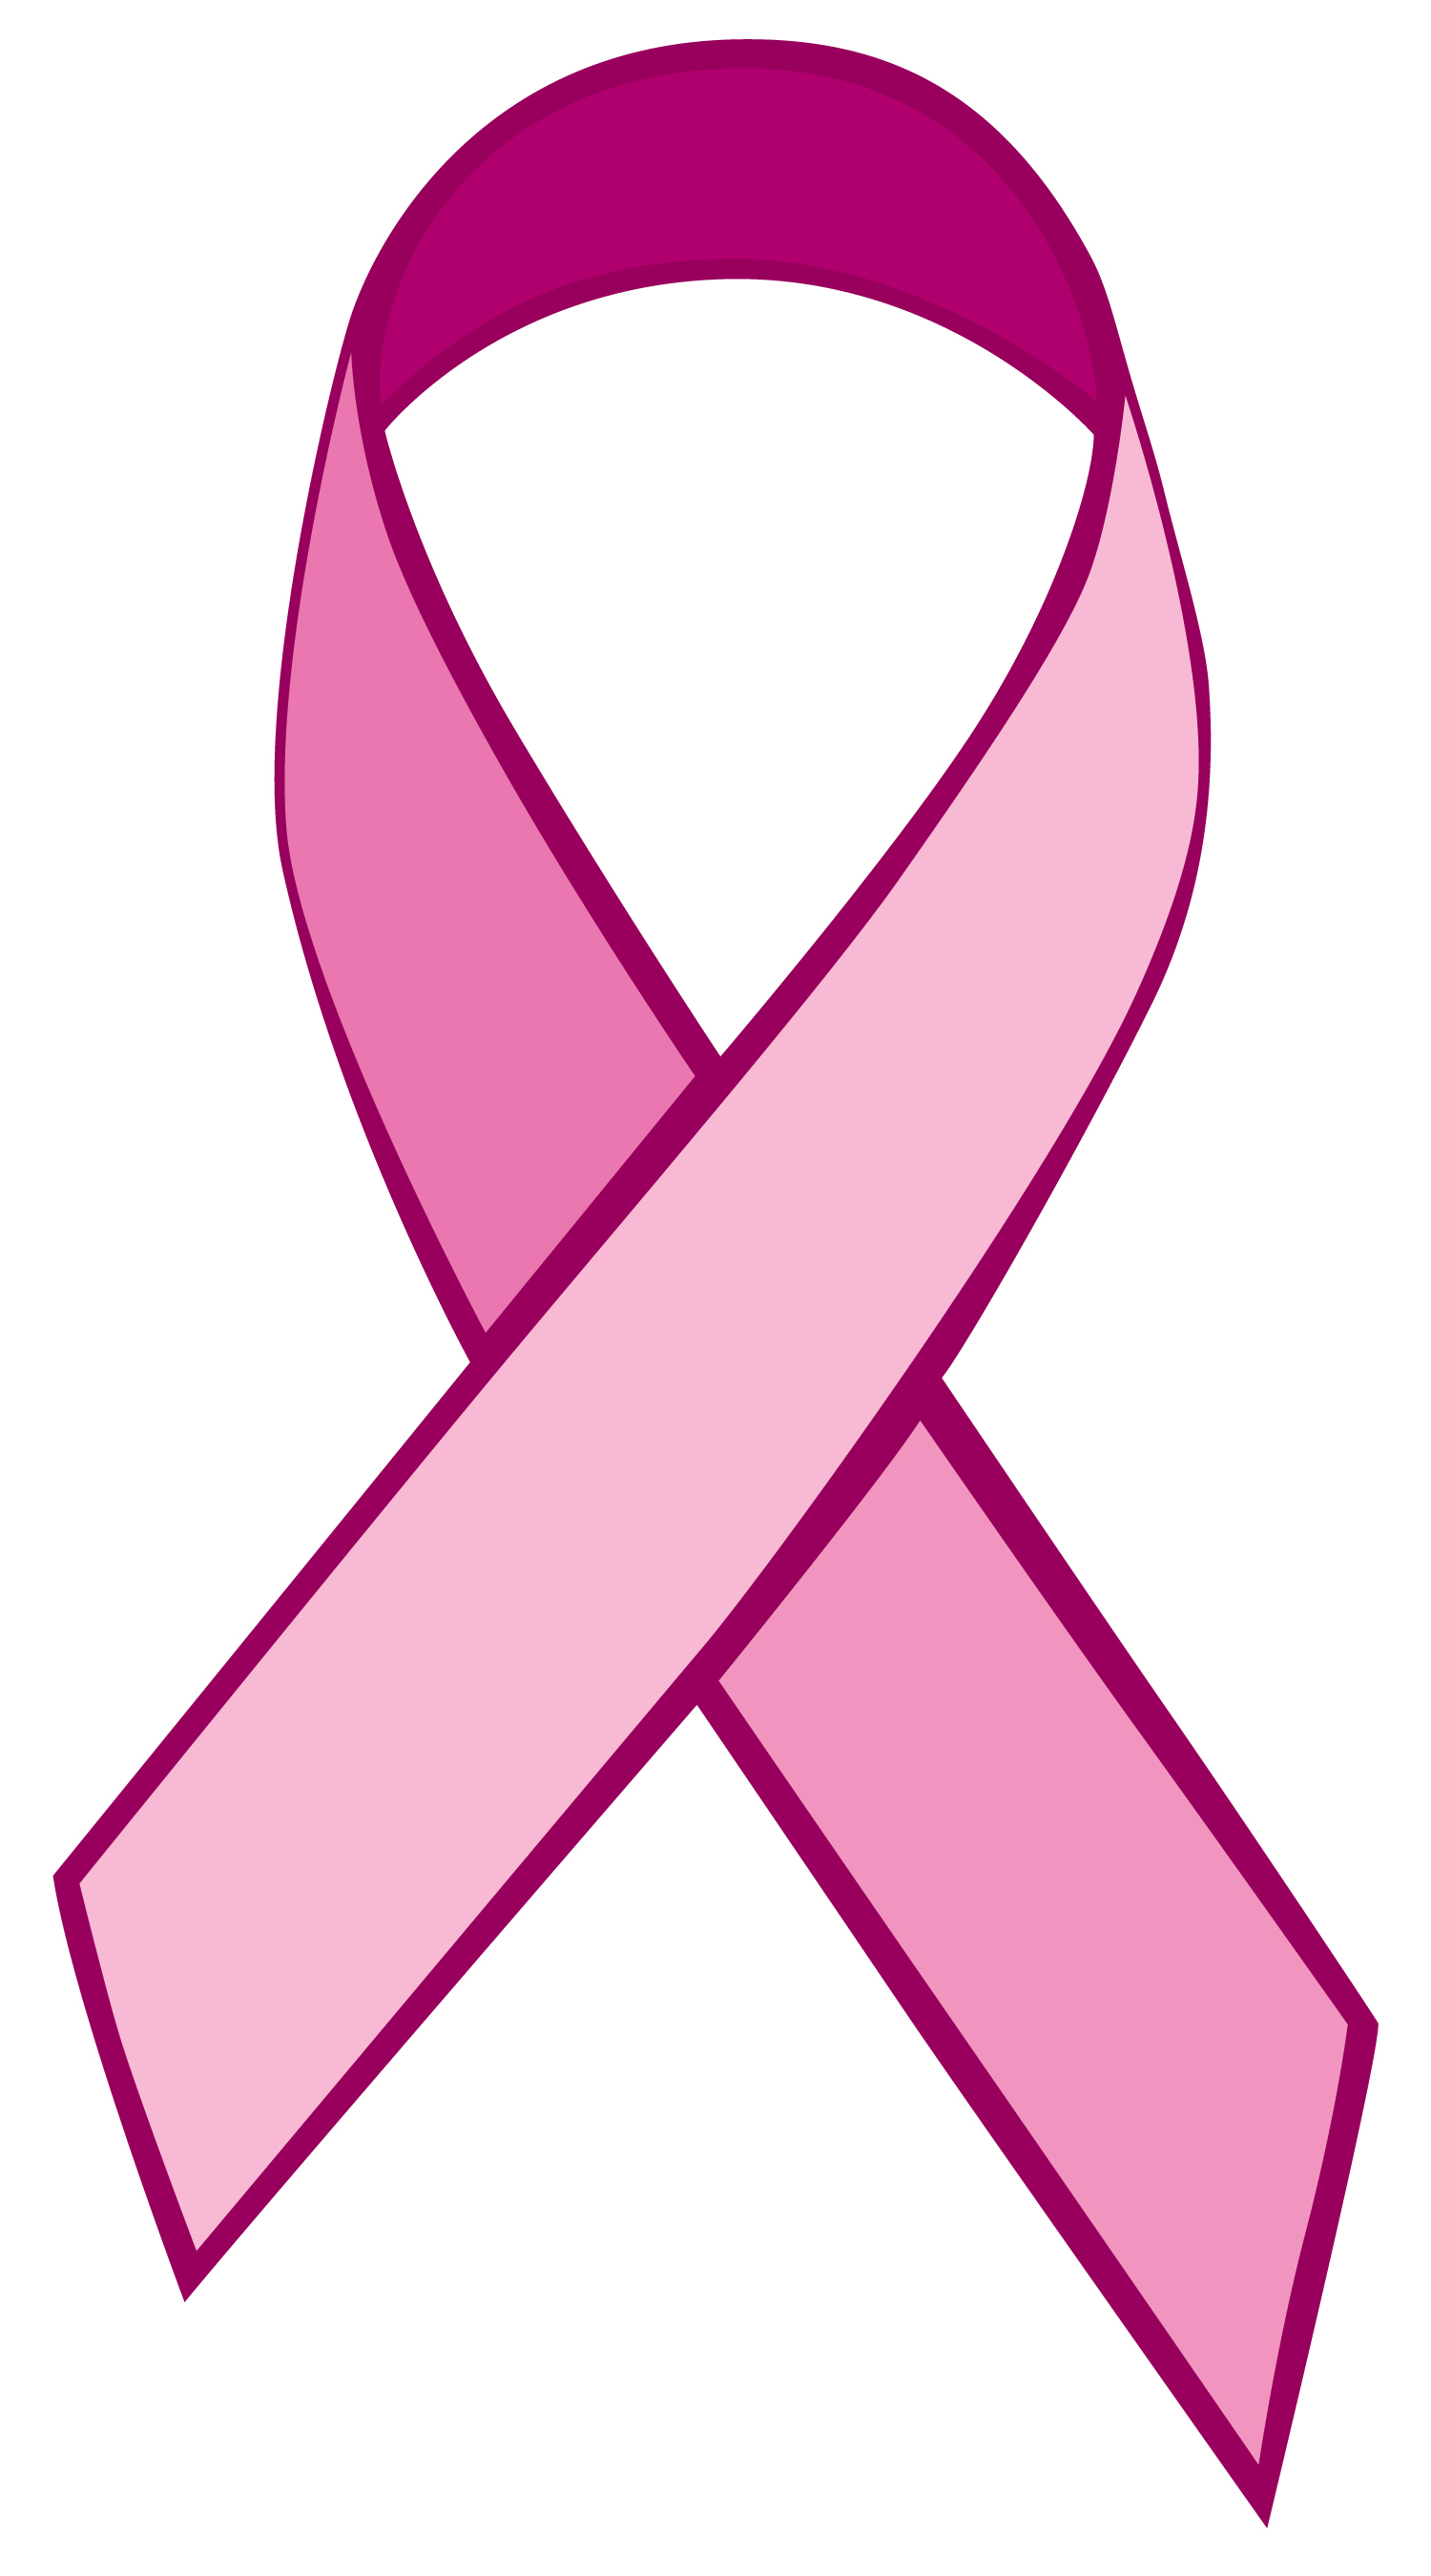 Awareness Ribbons Clipart.